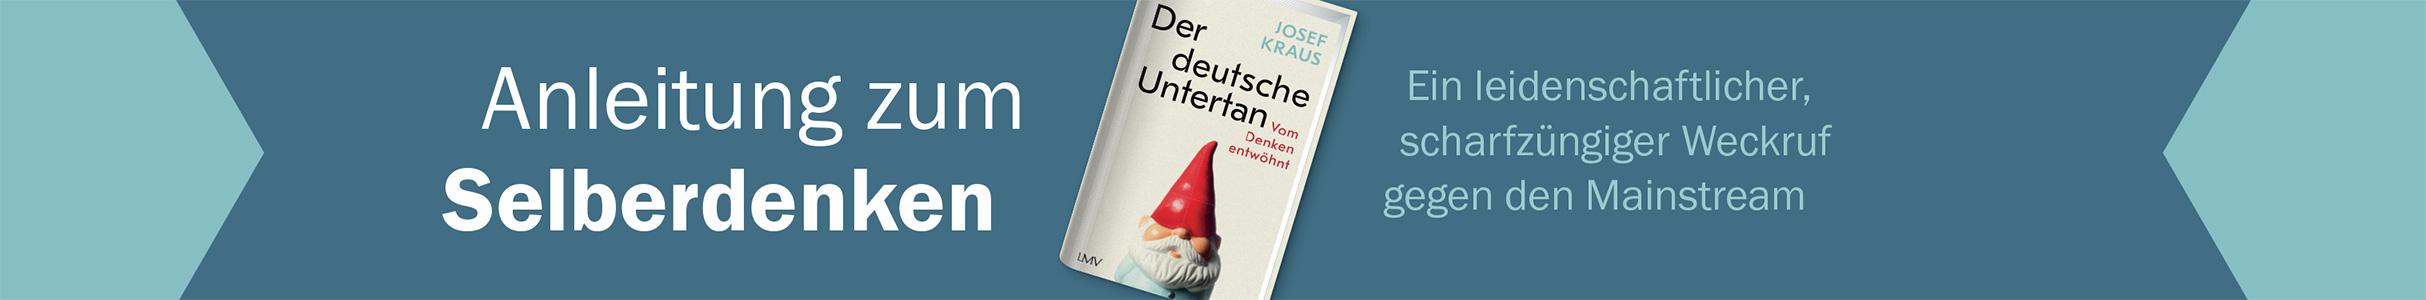 Langen Müller Josef Kraus Der deutsche Untertan